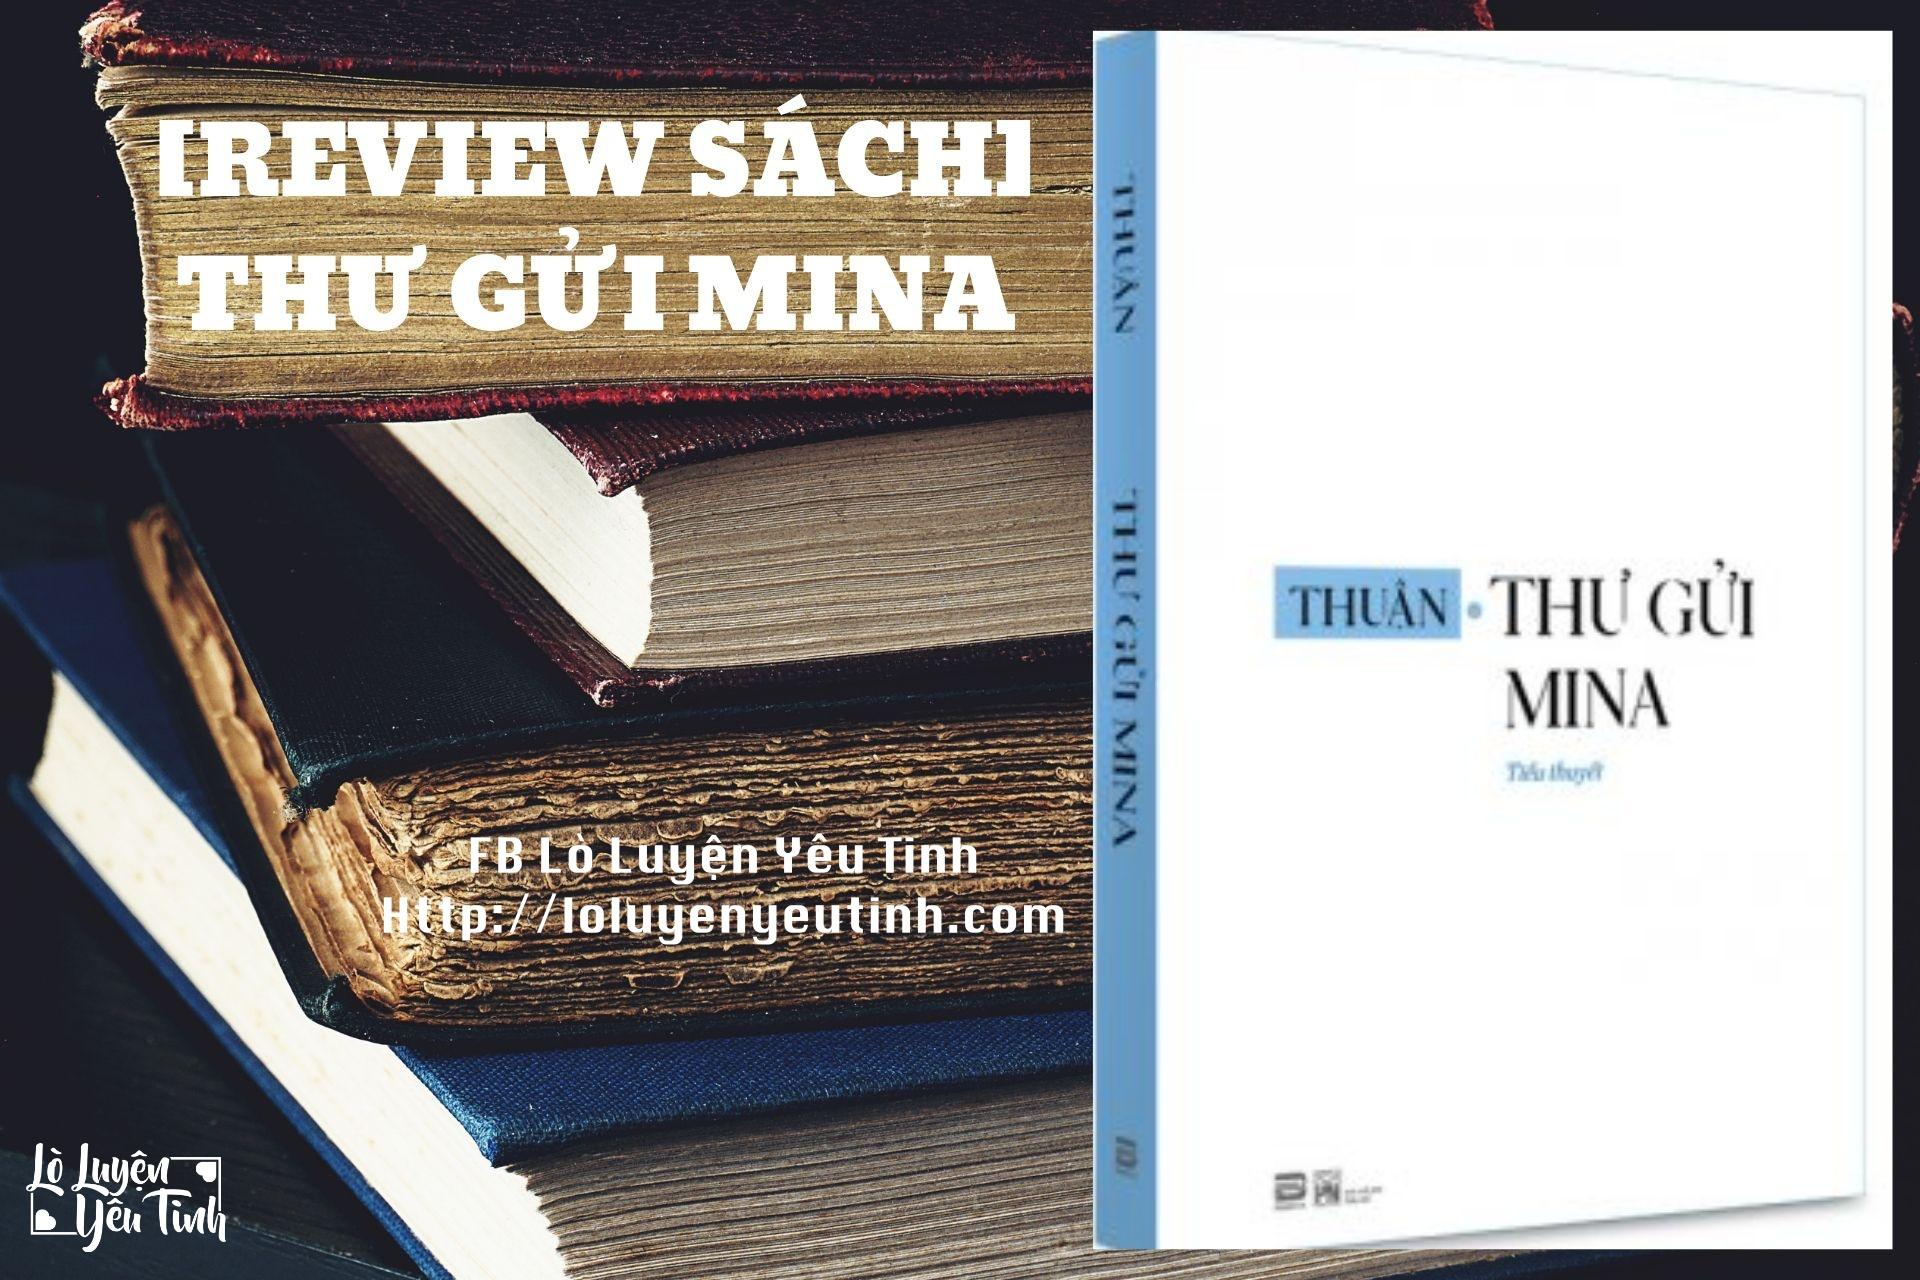 [Review Sách]: Thư Gửi Mina